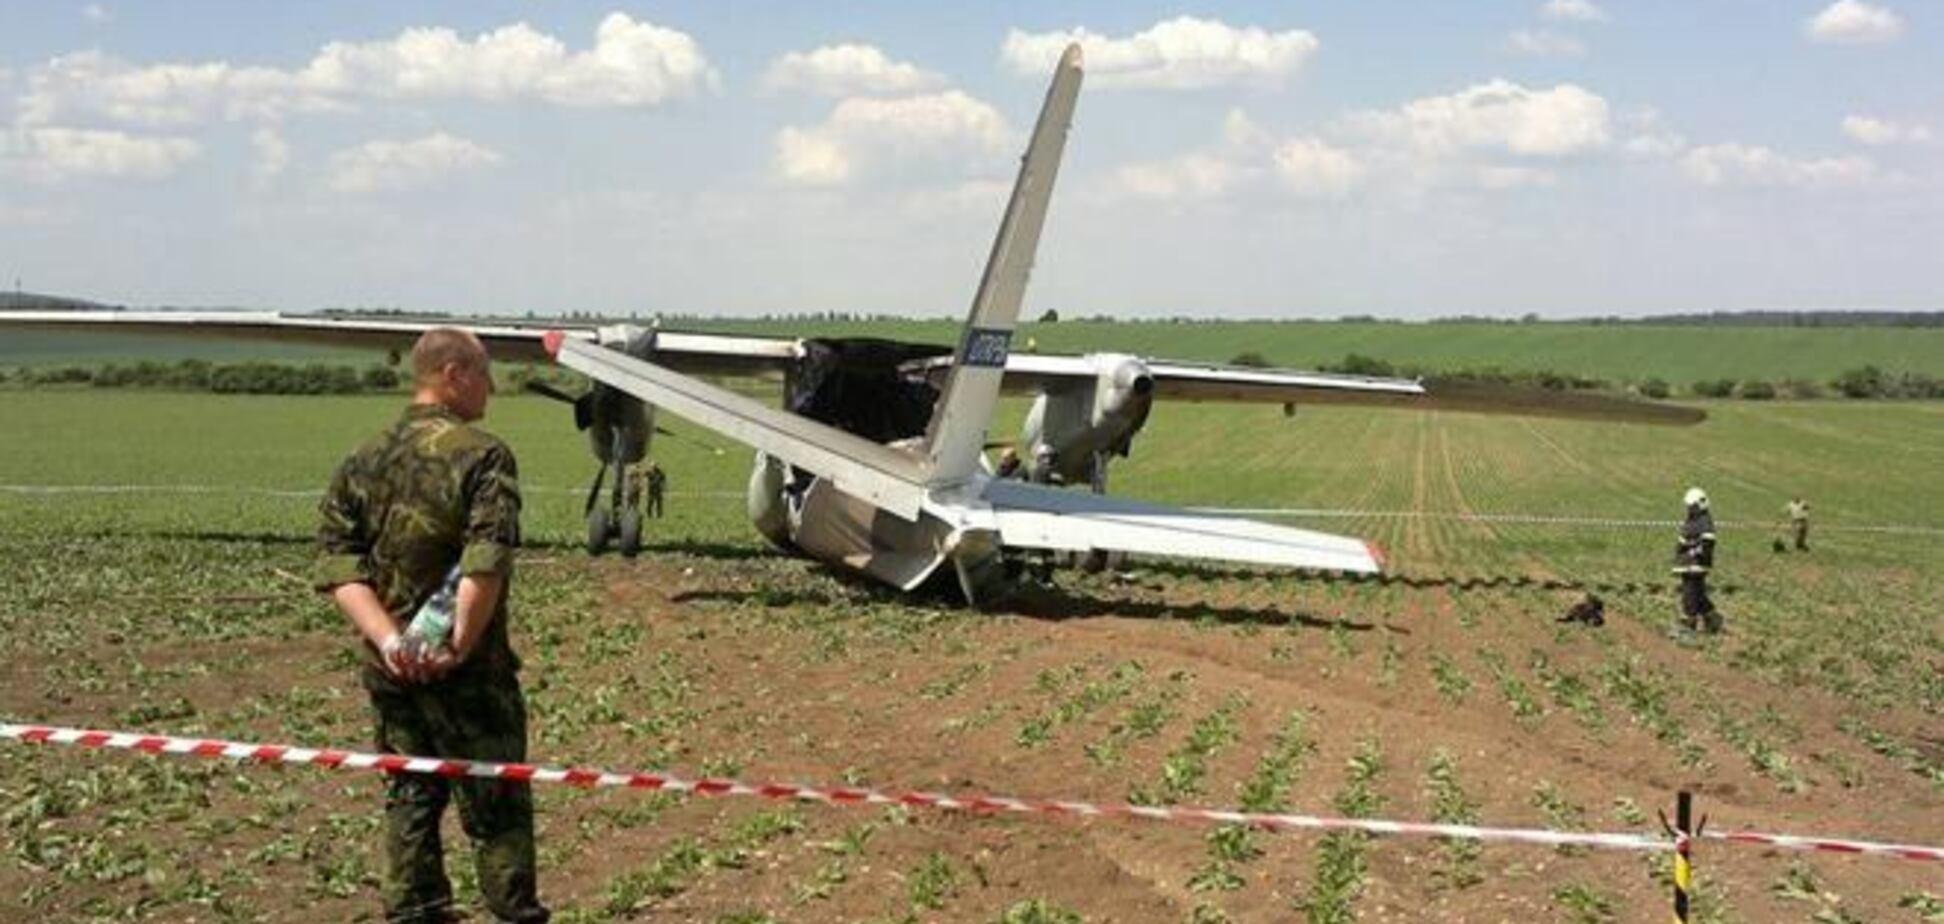 Над Славянском из автоматов обстреляли самолет Минобороны